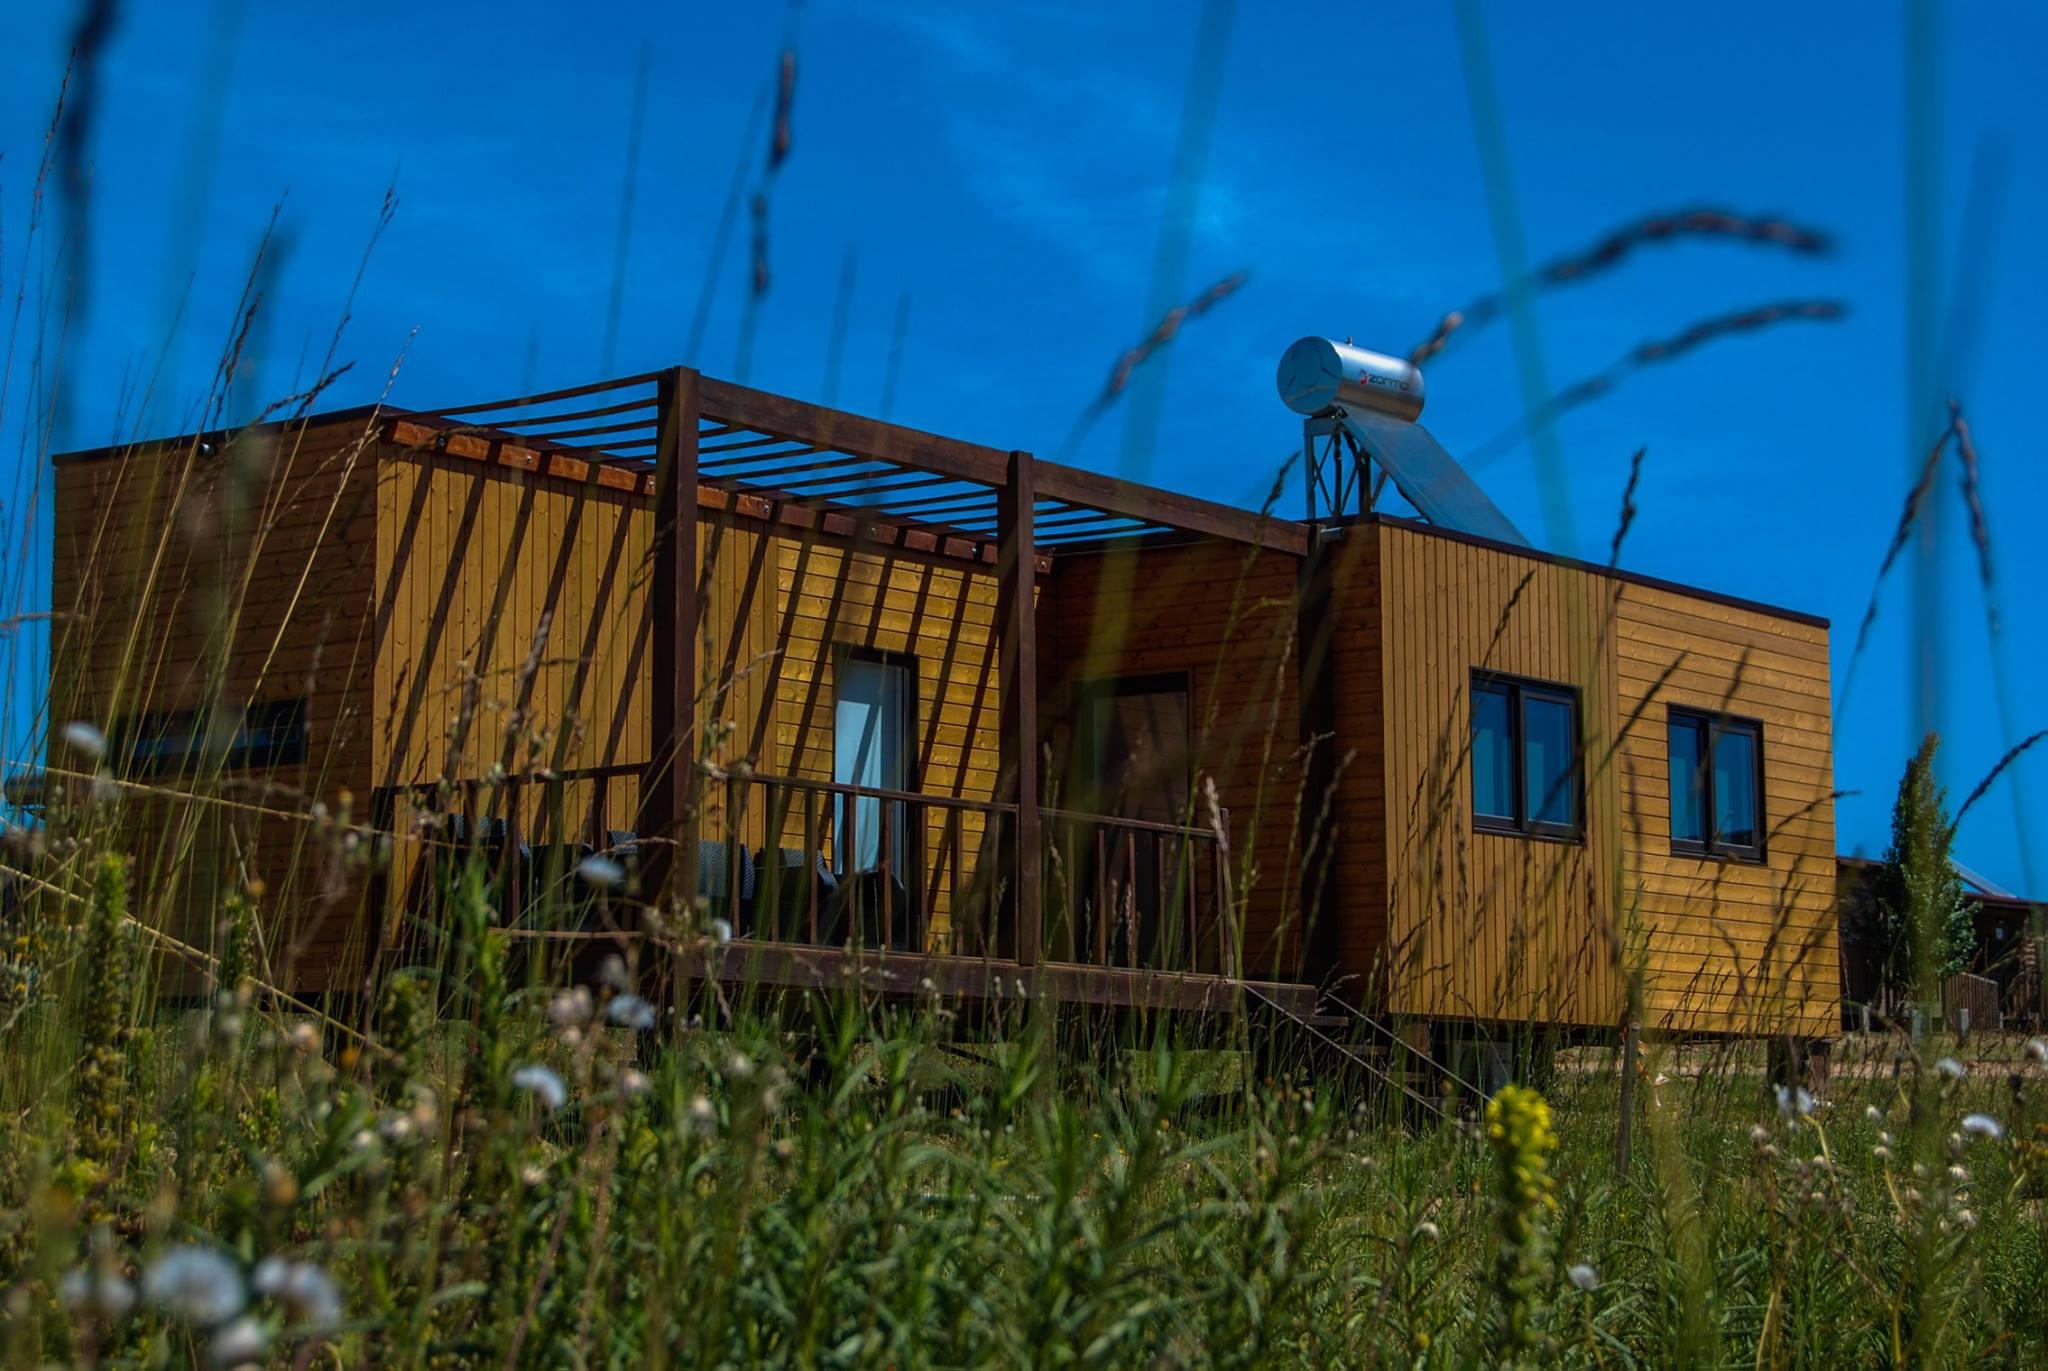 As casas ecológicas ganham terreno